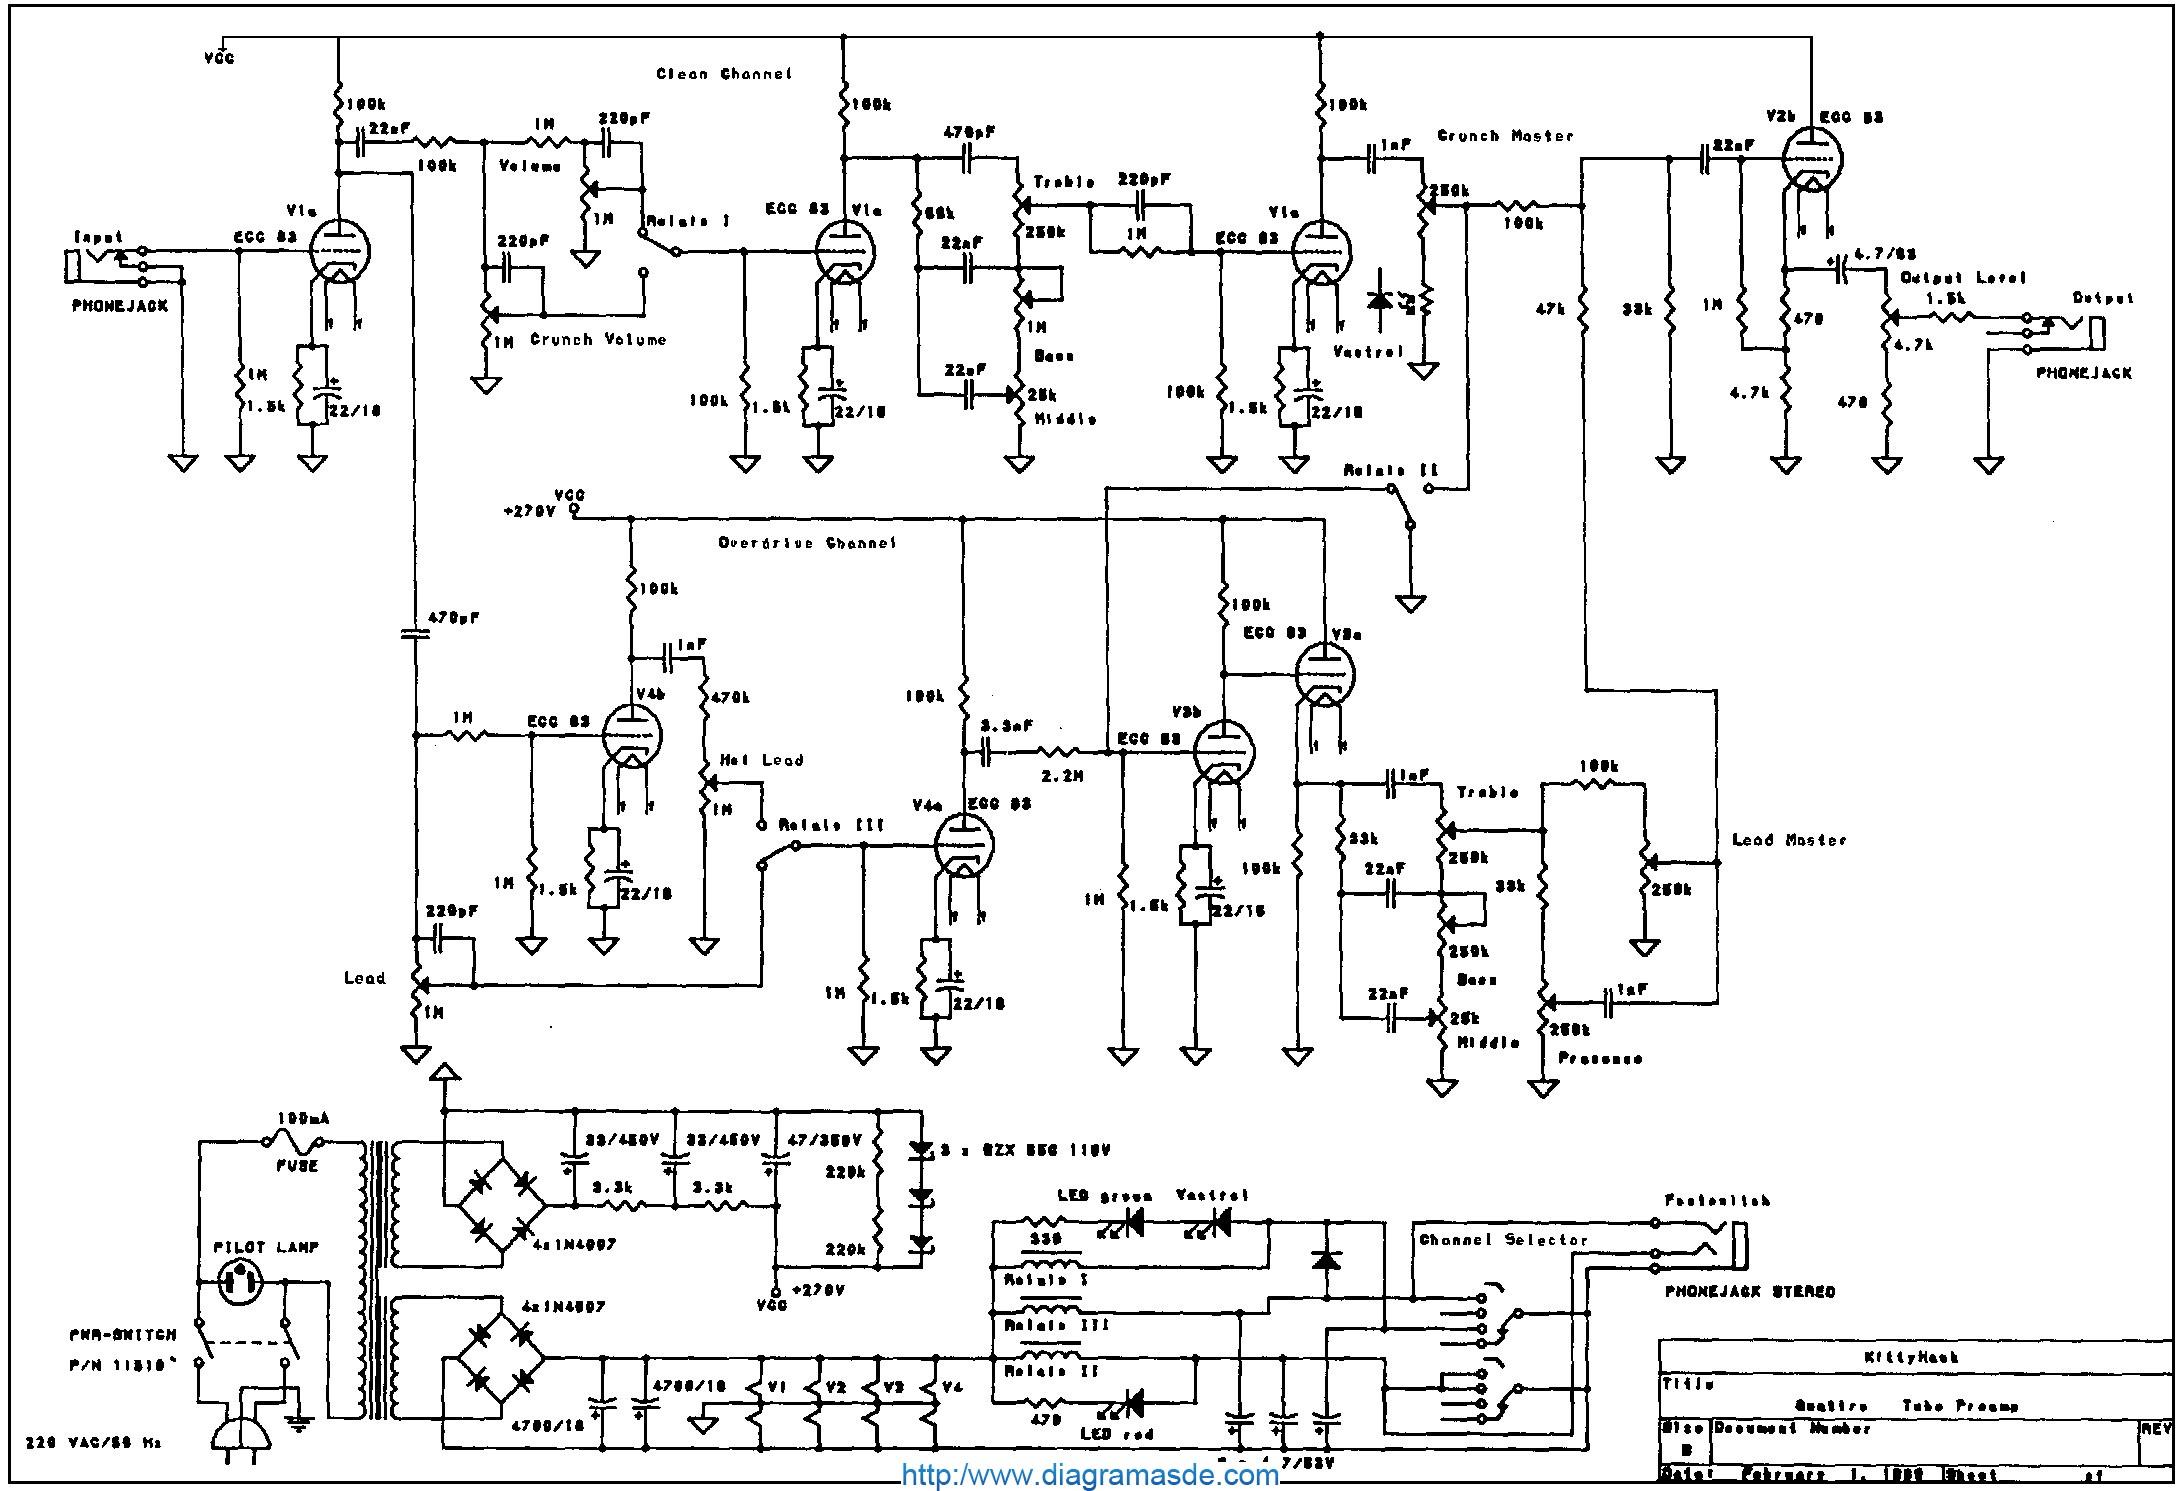 lc49u resultados de la bsqueda diagramasdecom diagramas